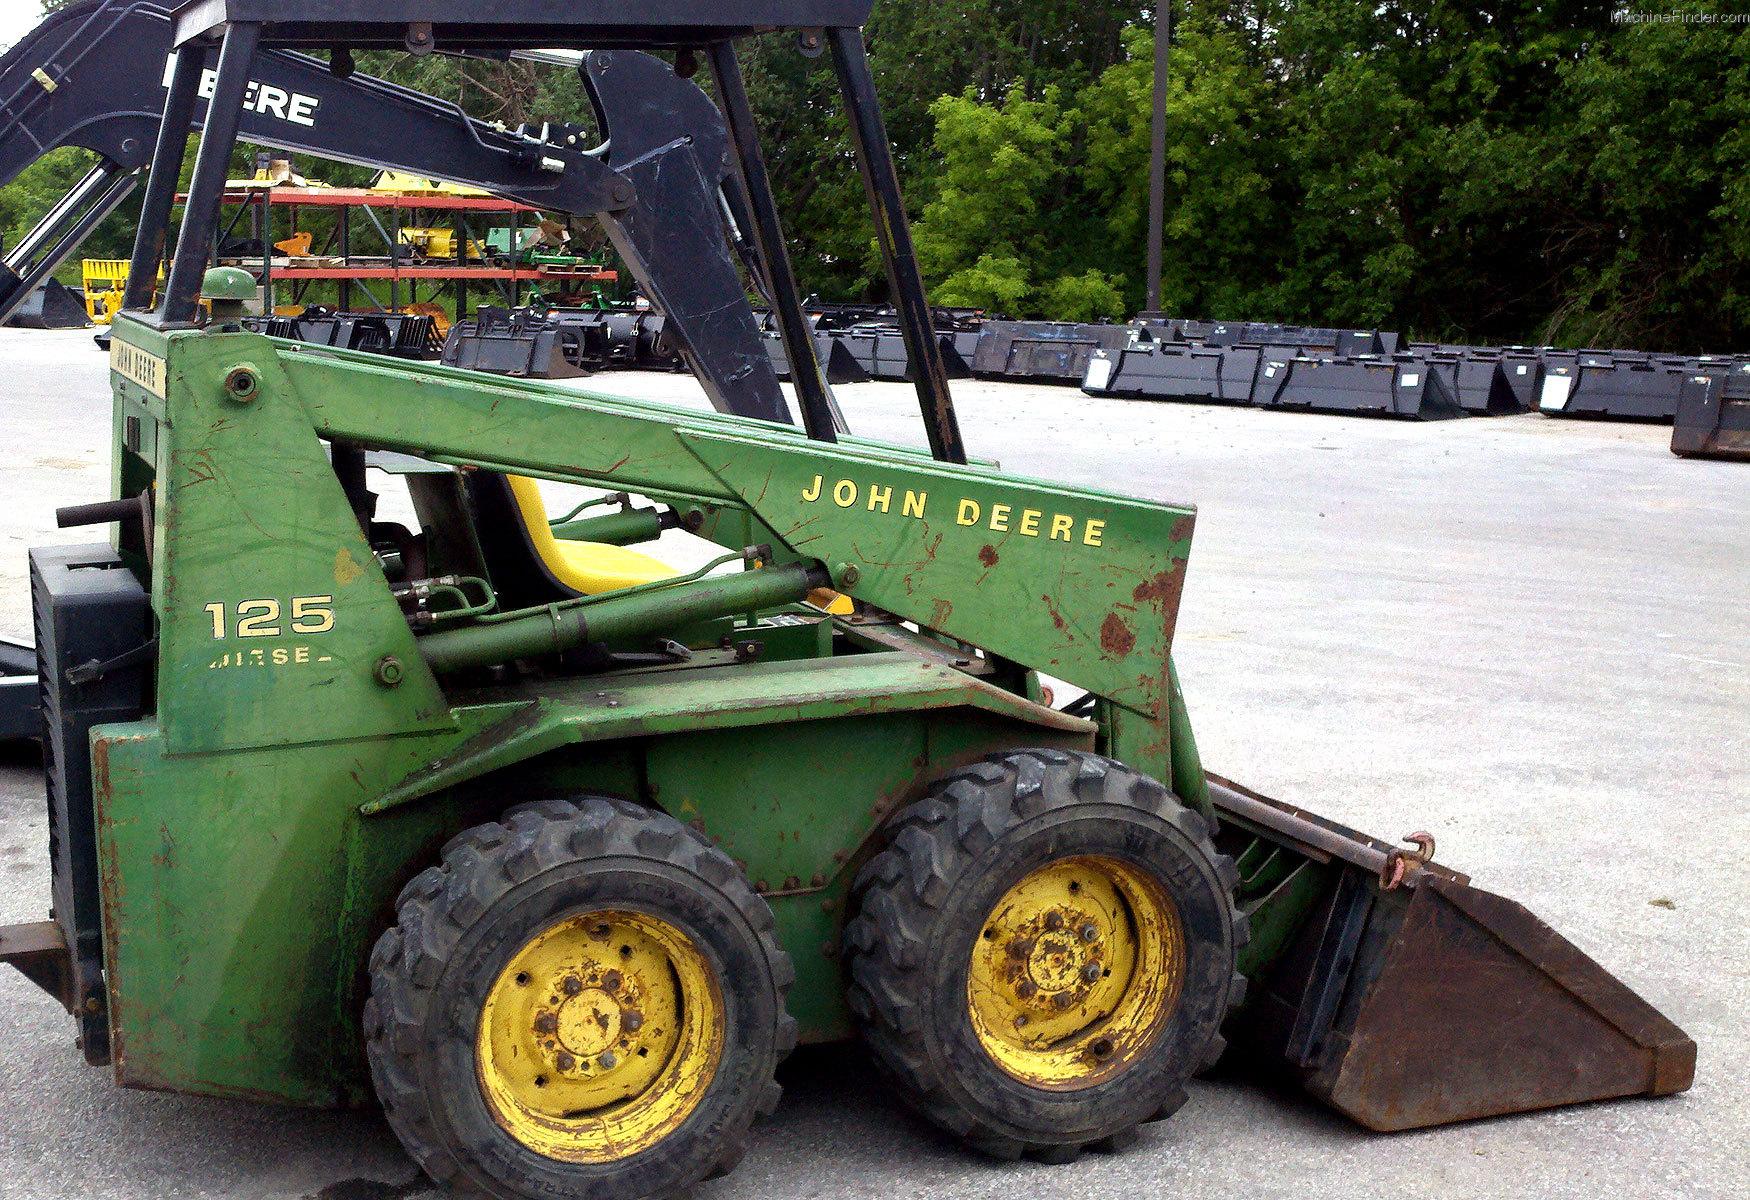 John Deere 400 Gearbox | John Deere Parts: John Deere Parts